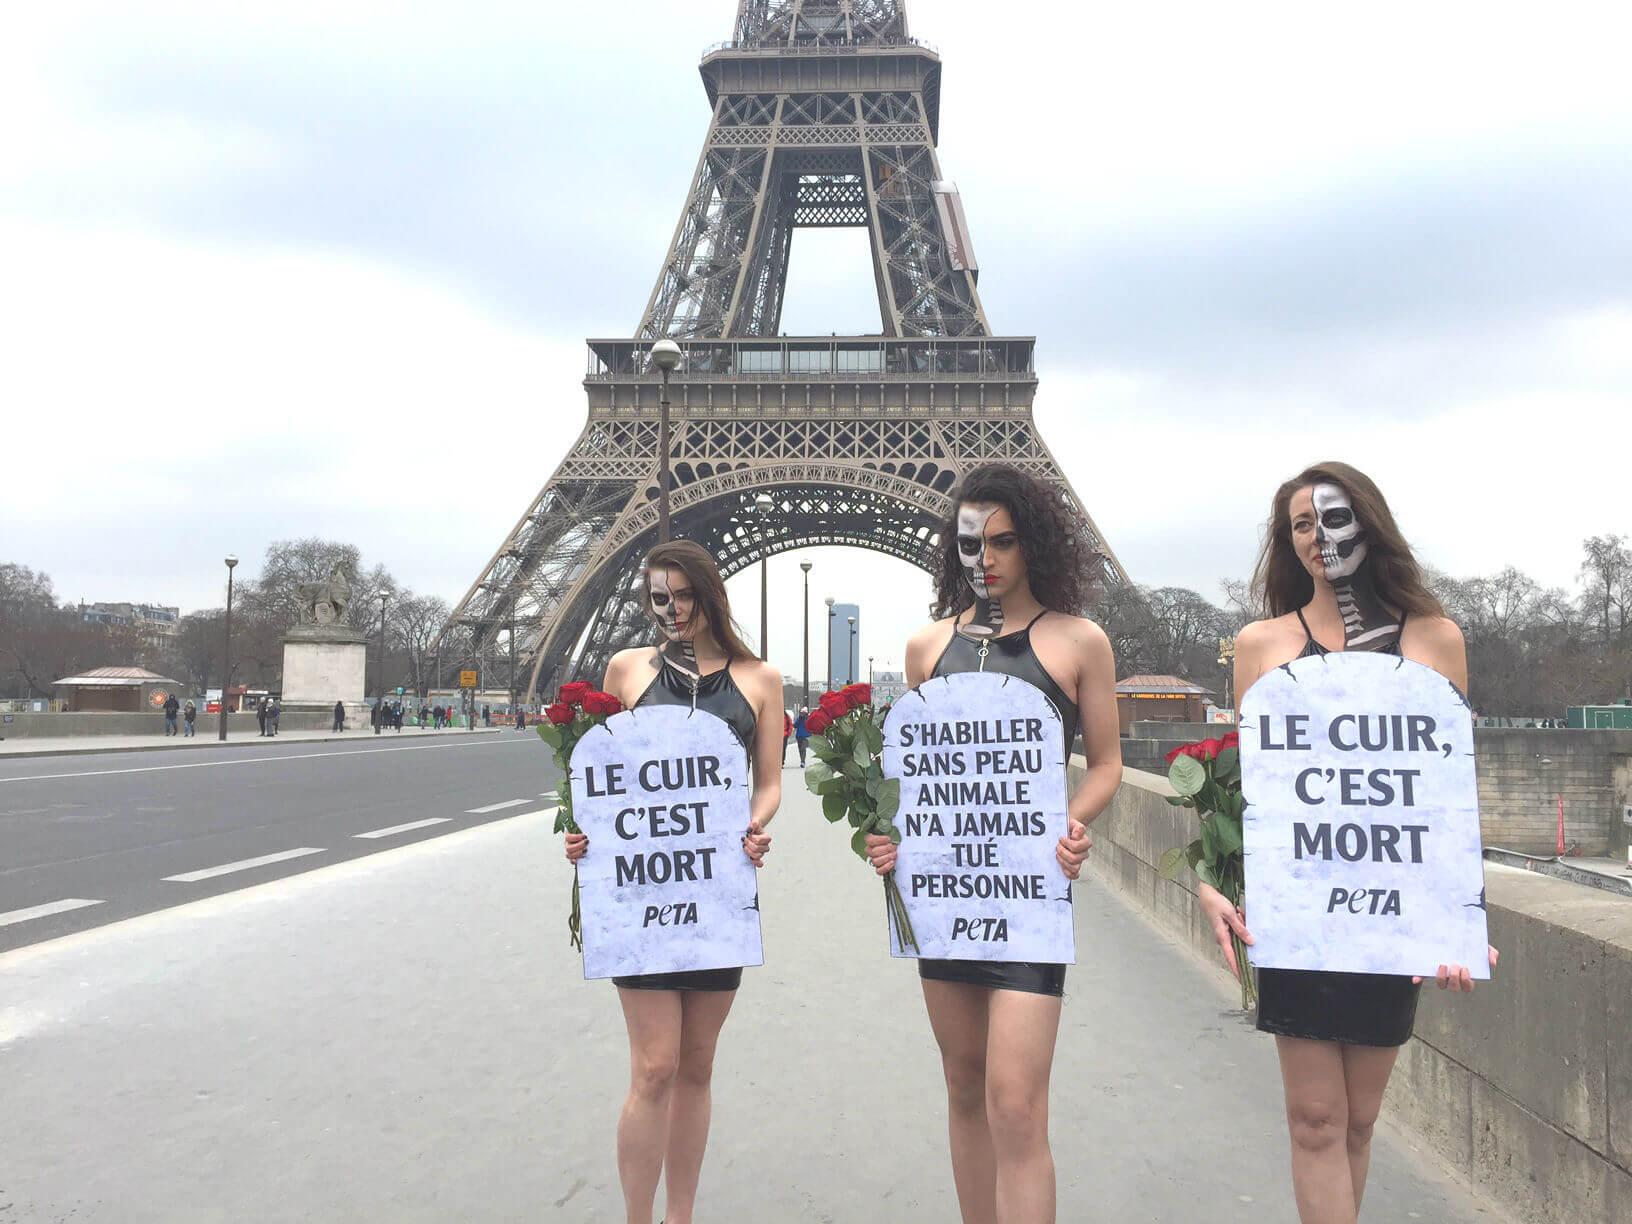 Des mannequins morts-vivants se lèvent contre l'utilisation de peaux animales à Paris